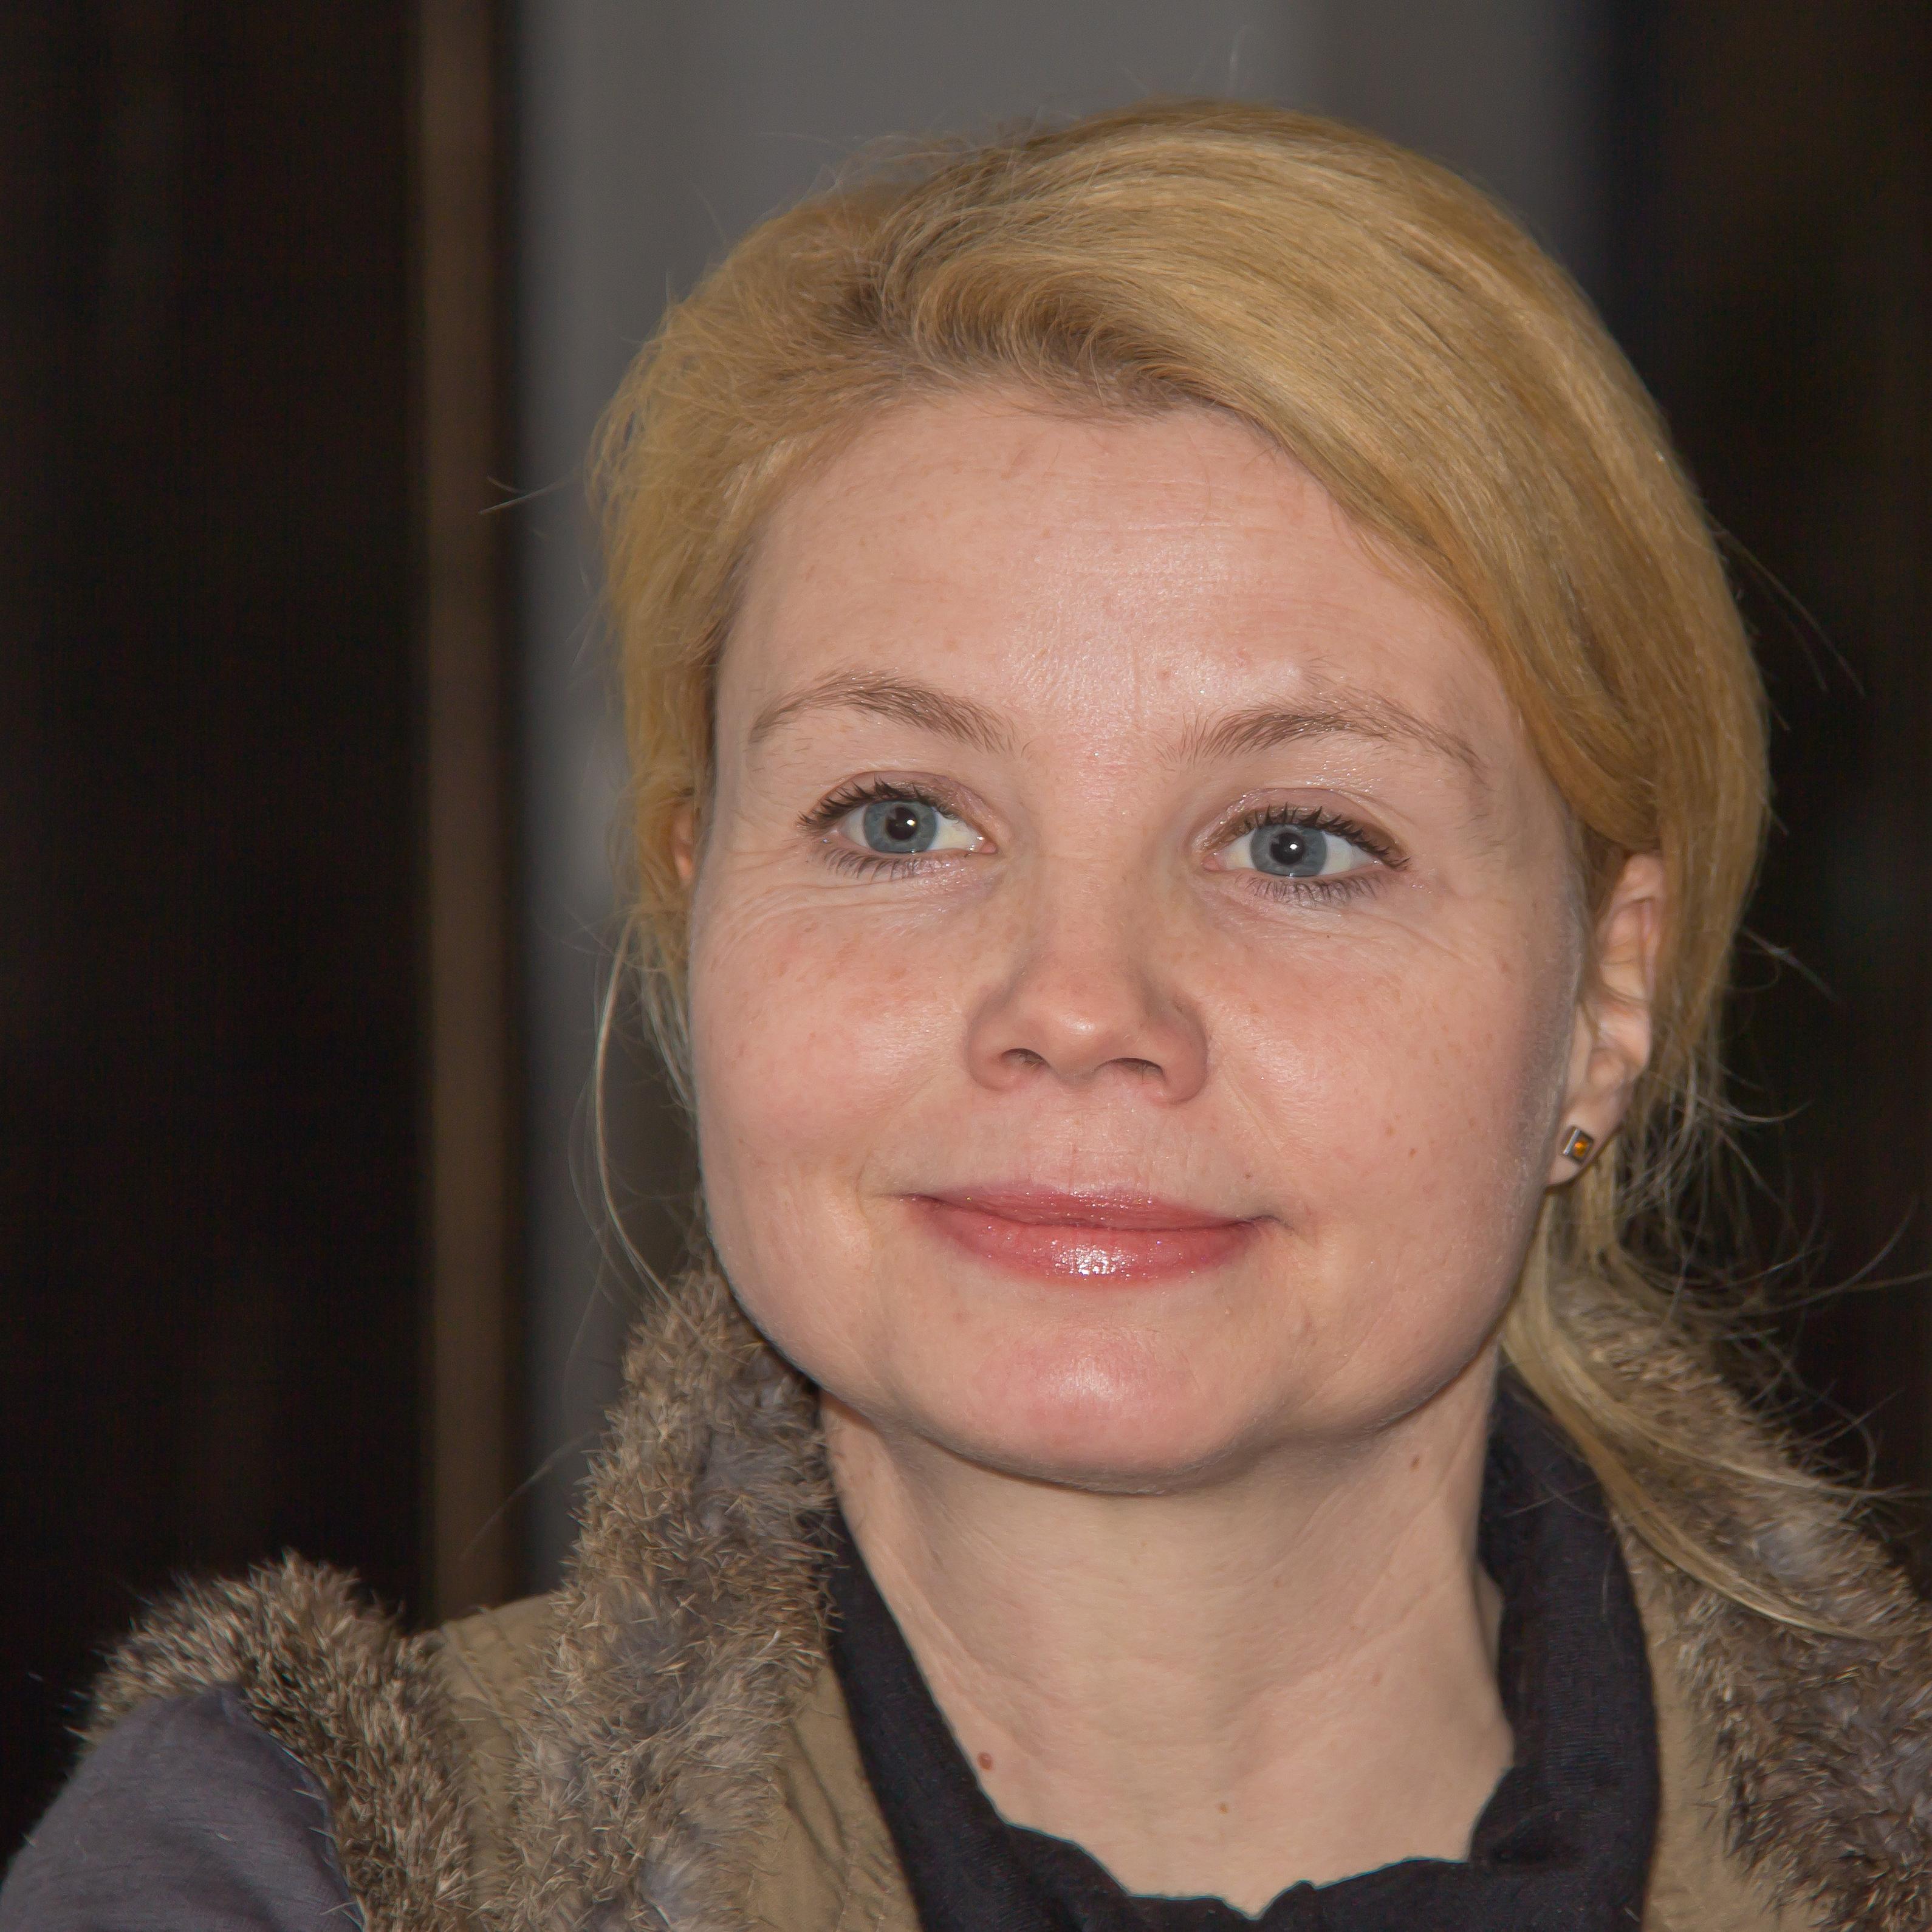 Annette Frier Größe